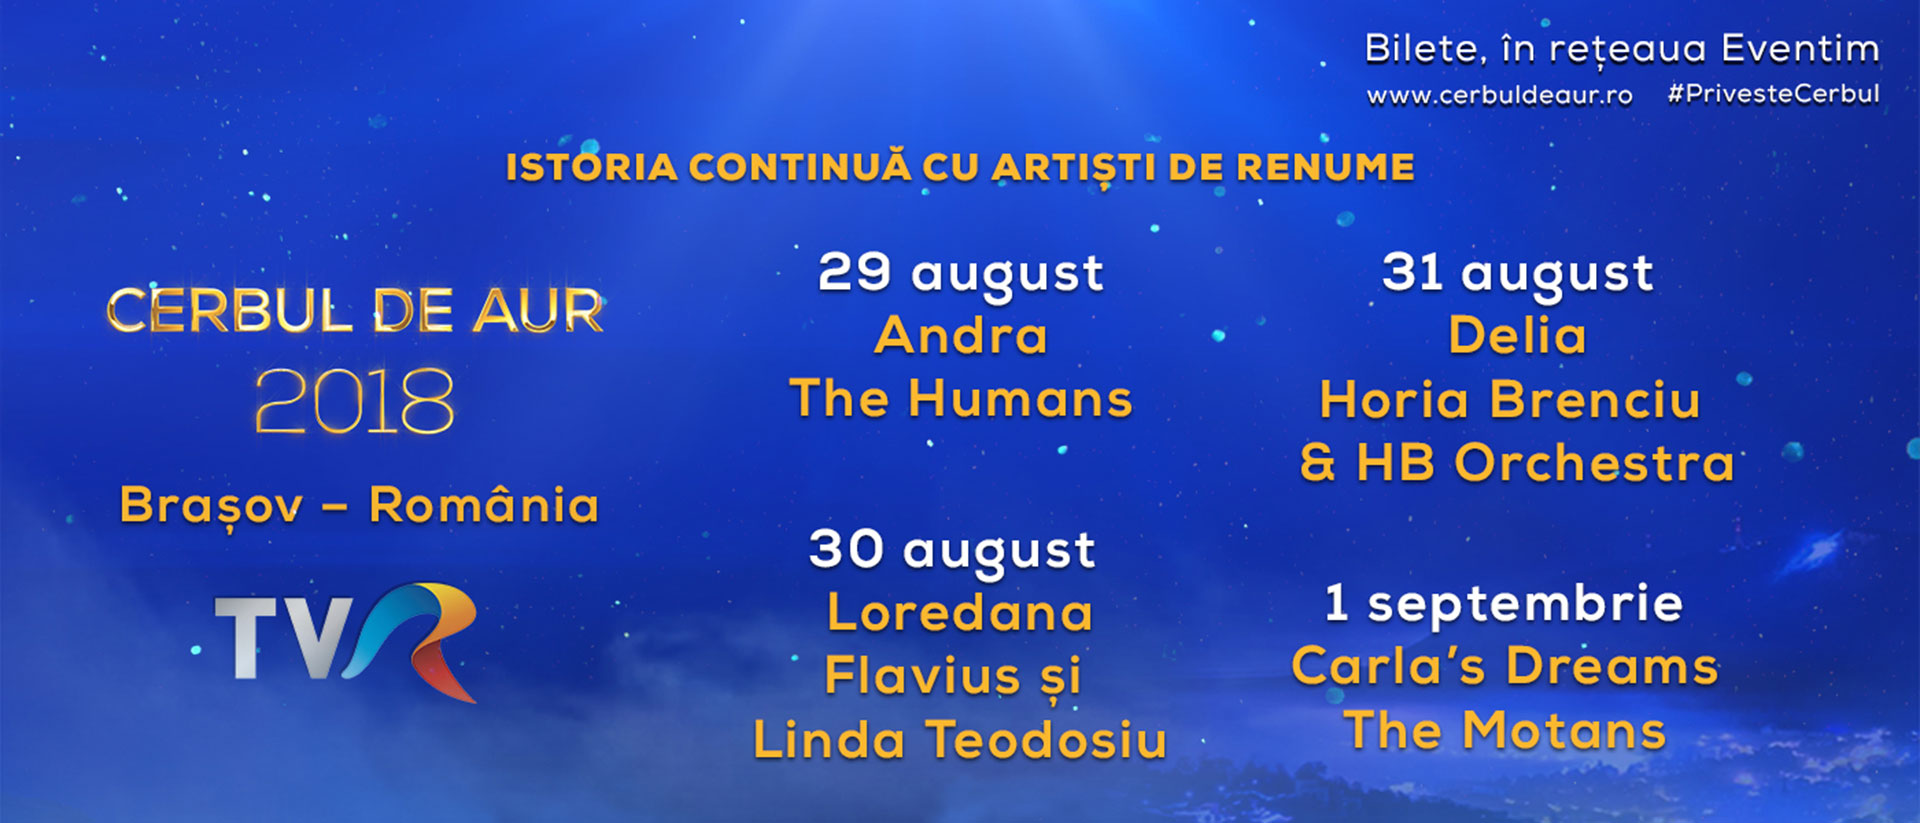 Concert romanian singers and bands, Cerbul de Aur 2018